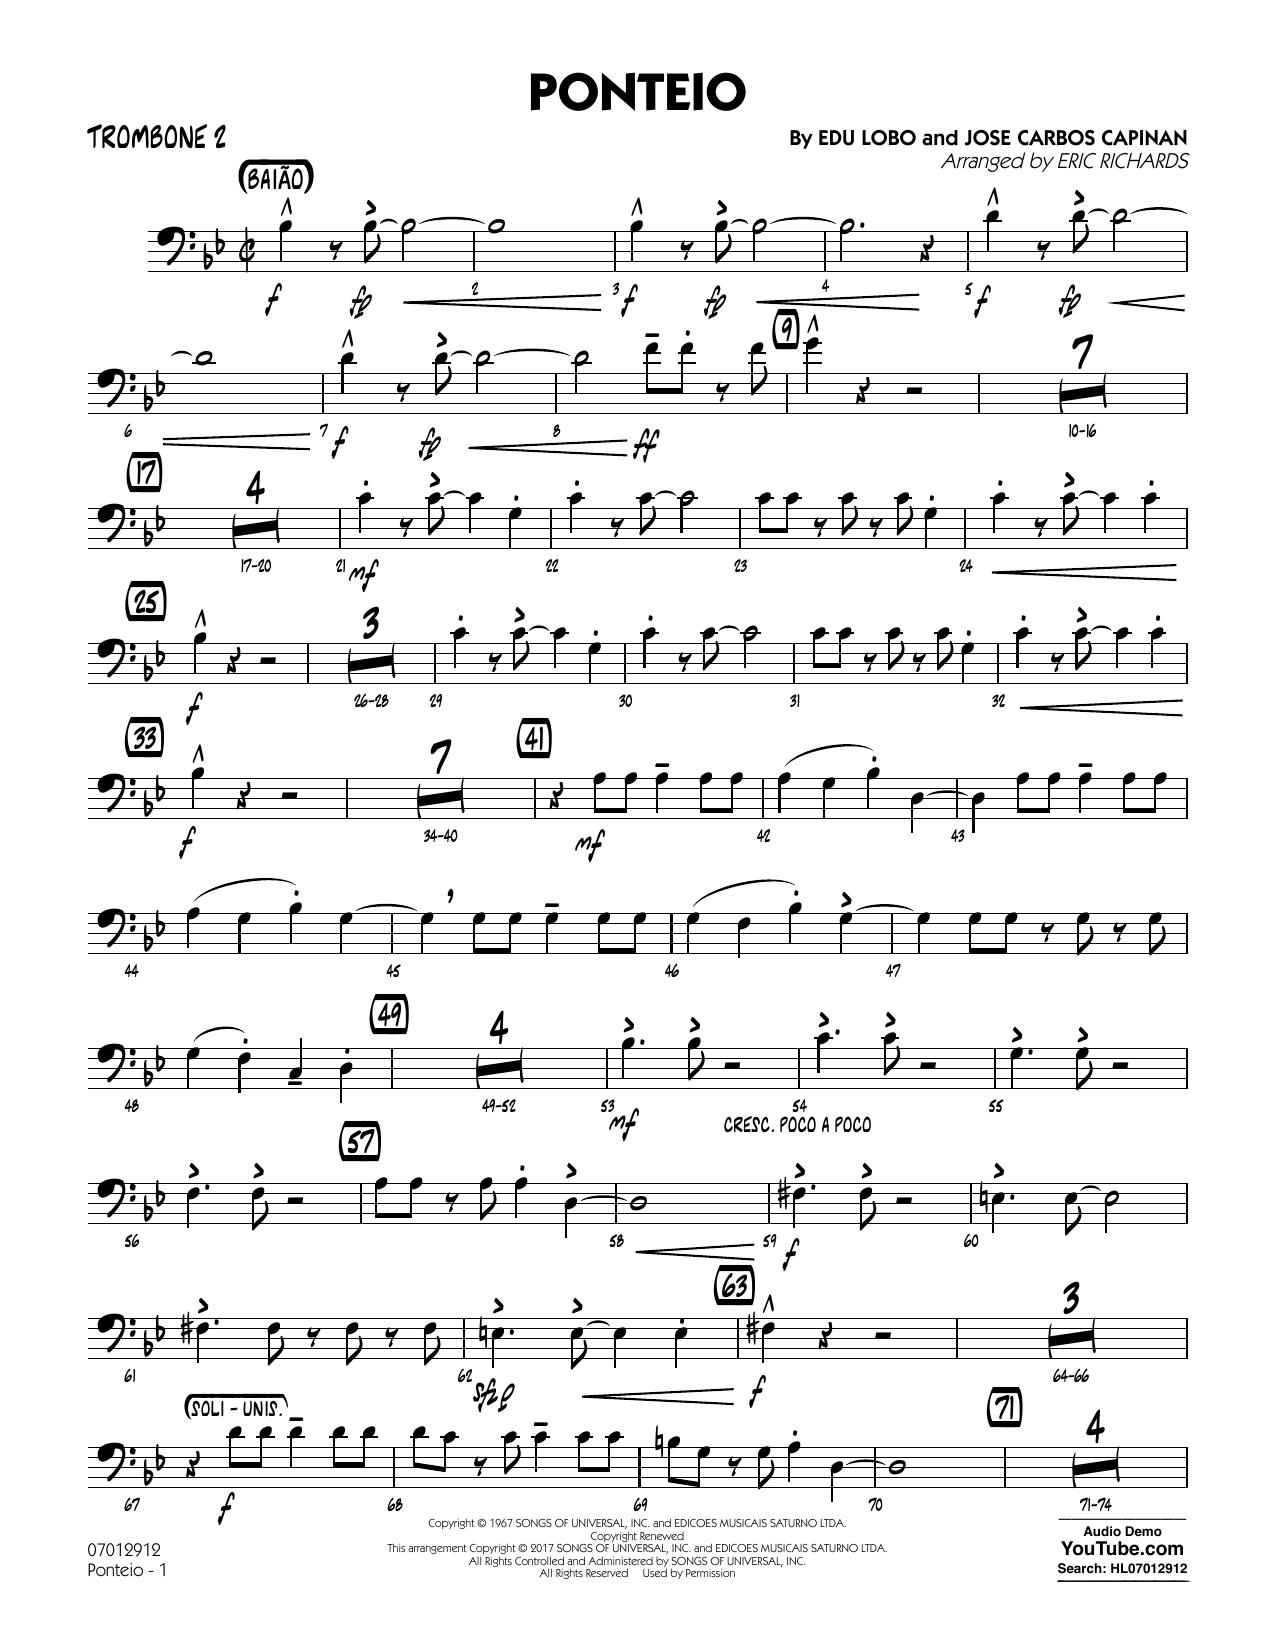 Ponteio - Trombone 2 (Jazz Ensemble)